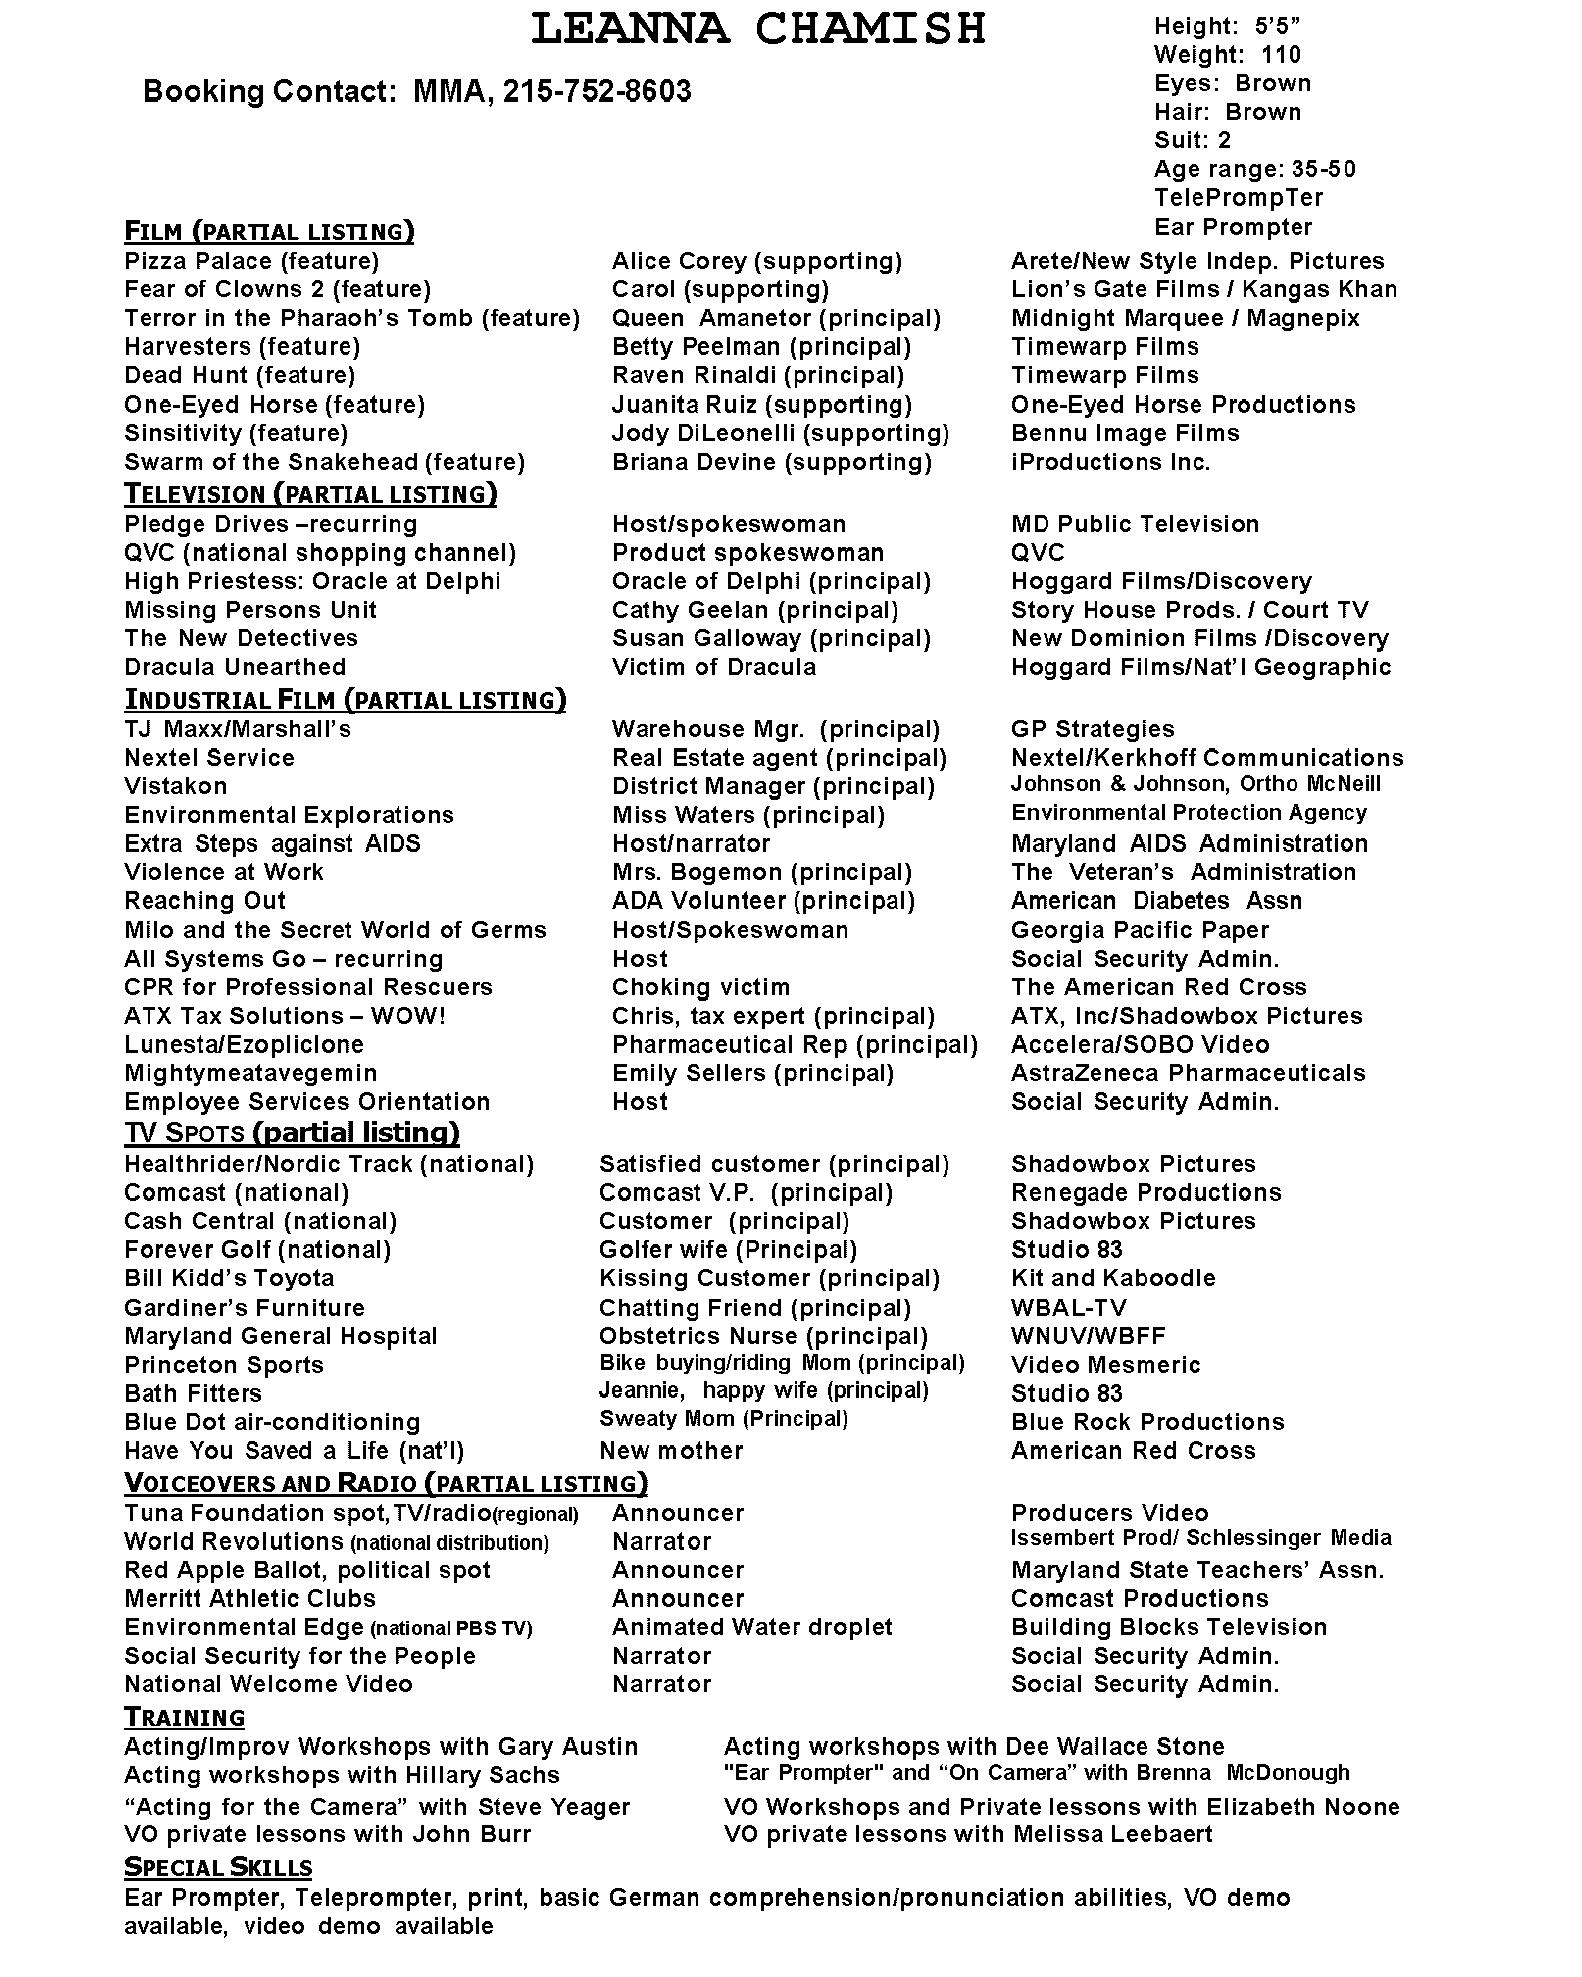 chamish headshot resume and photos